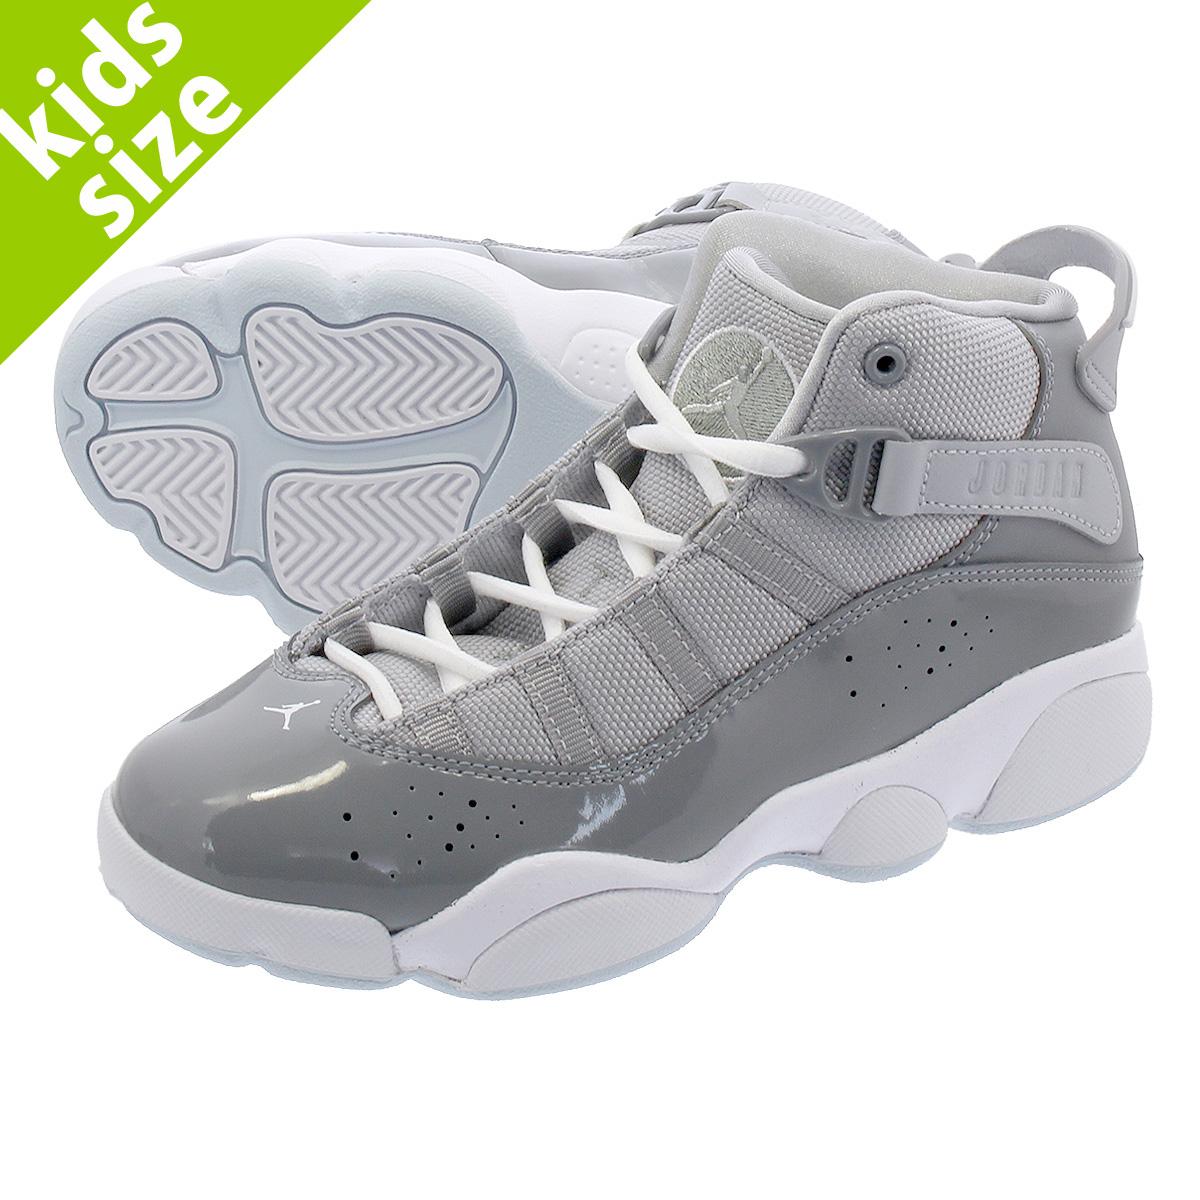 cb169c42013 LOWTEX PLUS: NIKE JORDAN 6 RINGS BP Nike Jordan 6 RINGS Co.,Ltd. BP ...